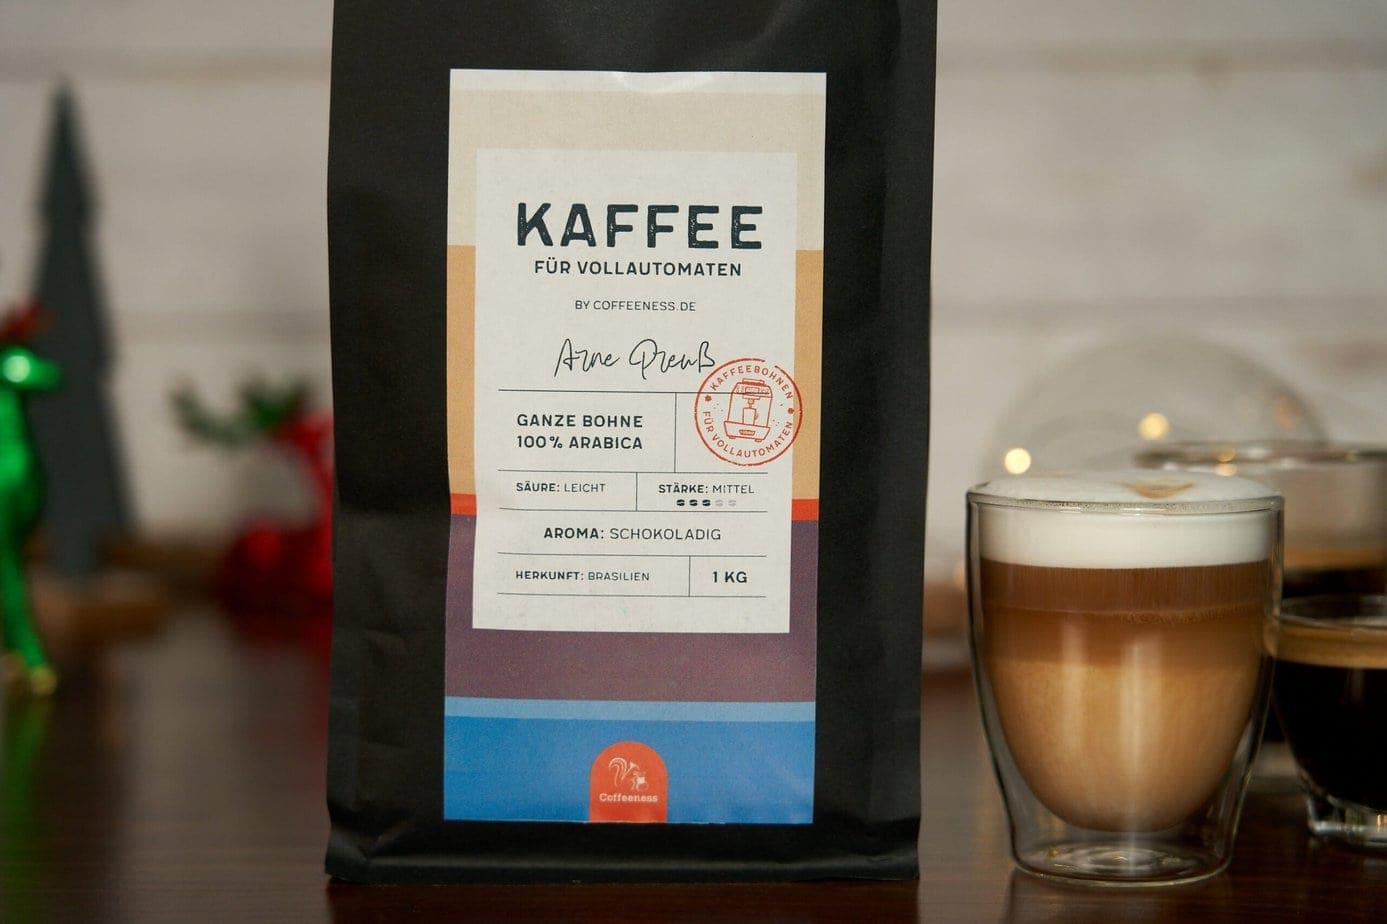 Kaffee fuer Vollautomaten Verpackung Detail von vorne